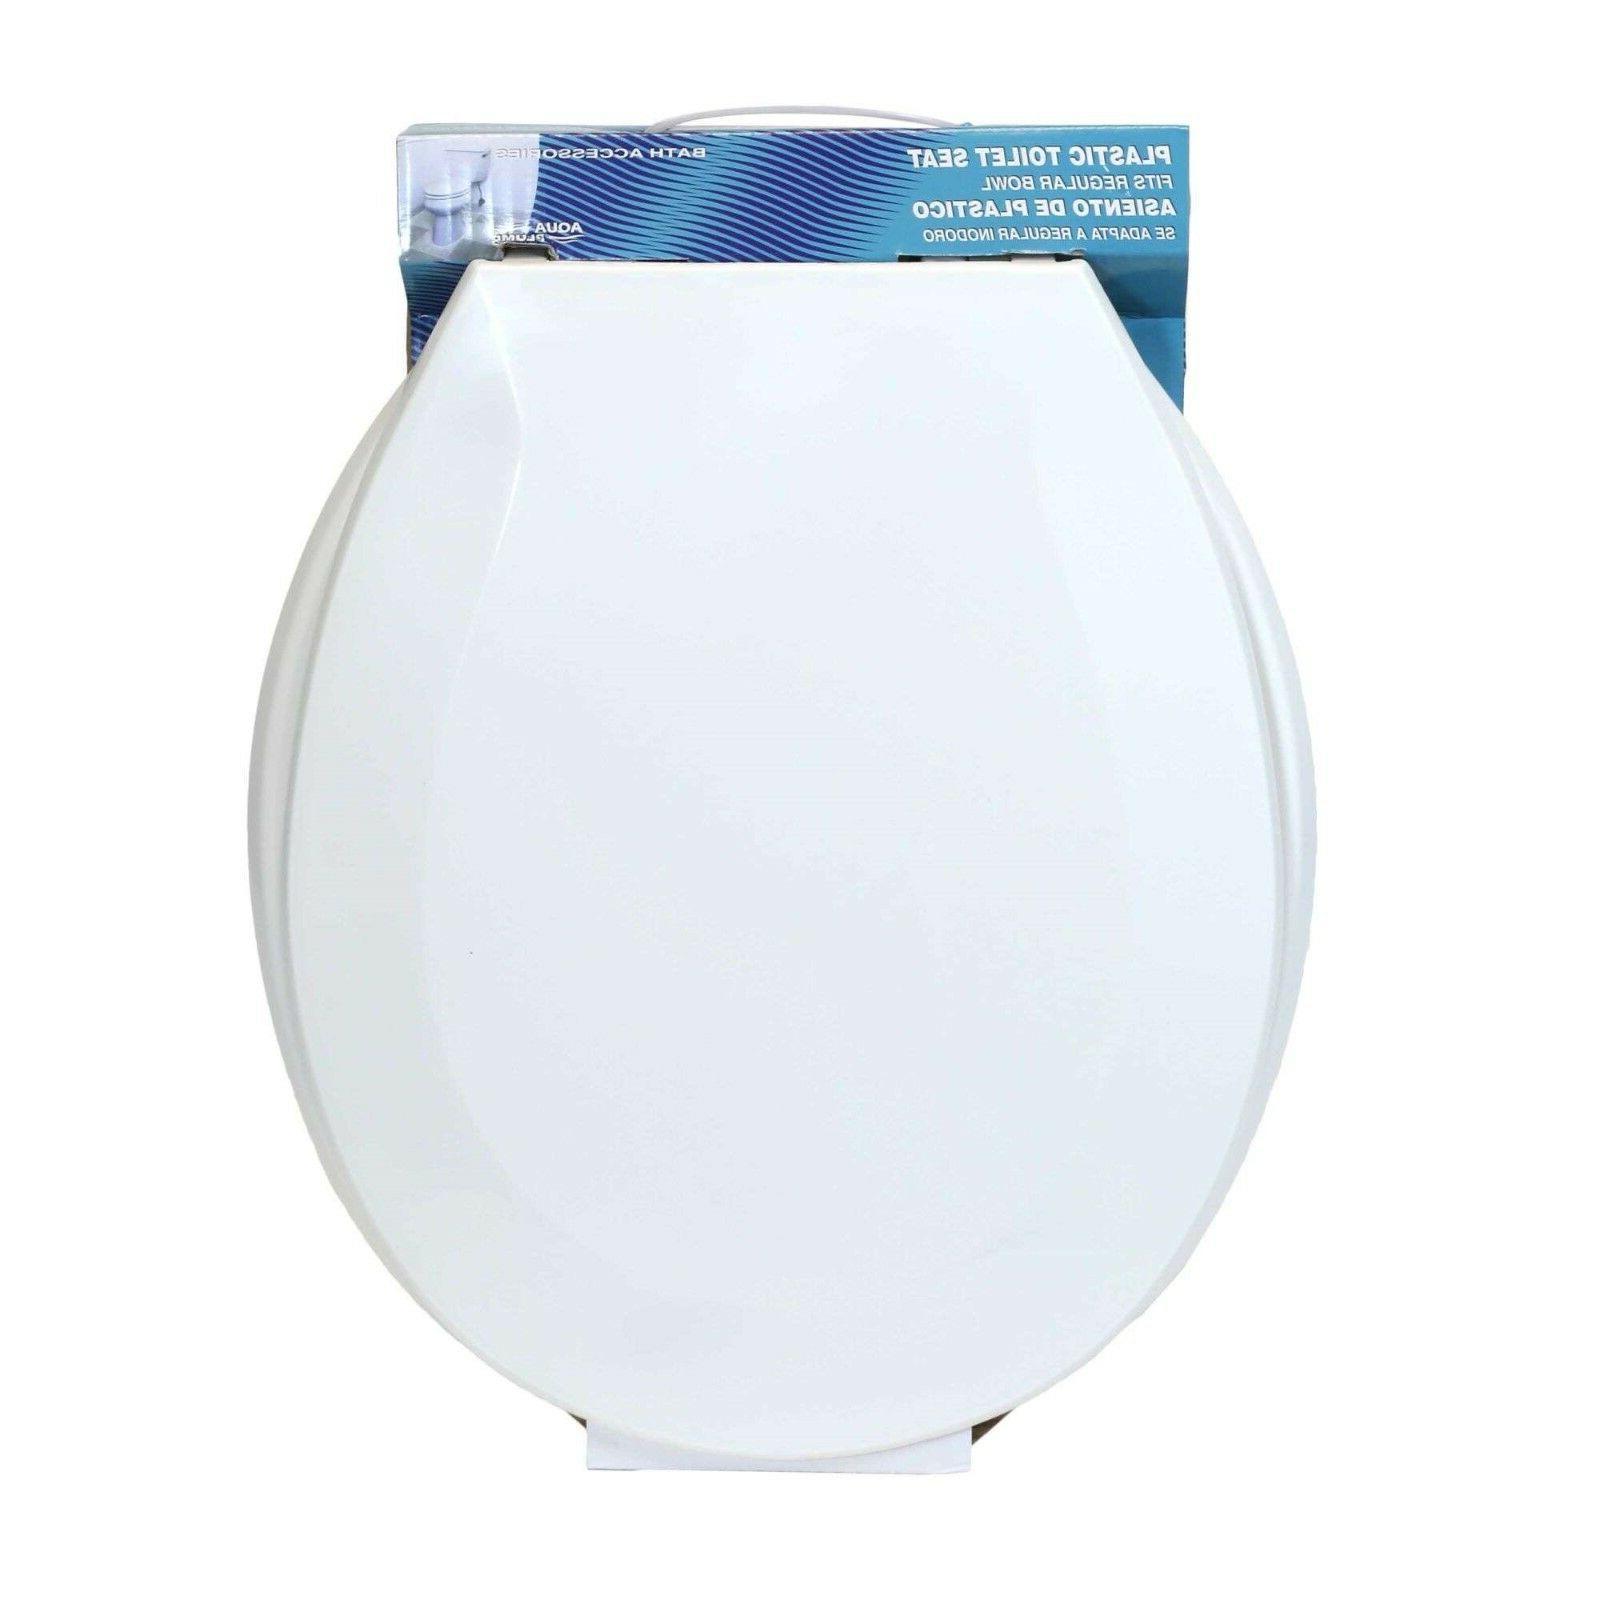 round toilet seat plastic white case 6